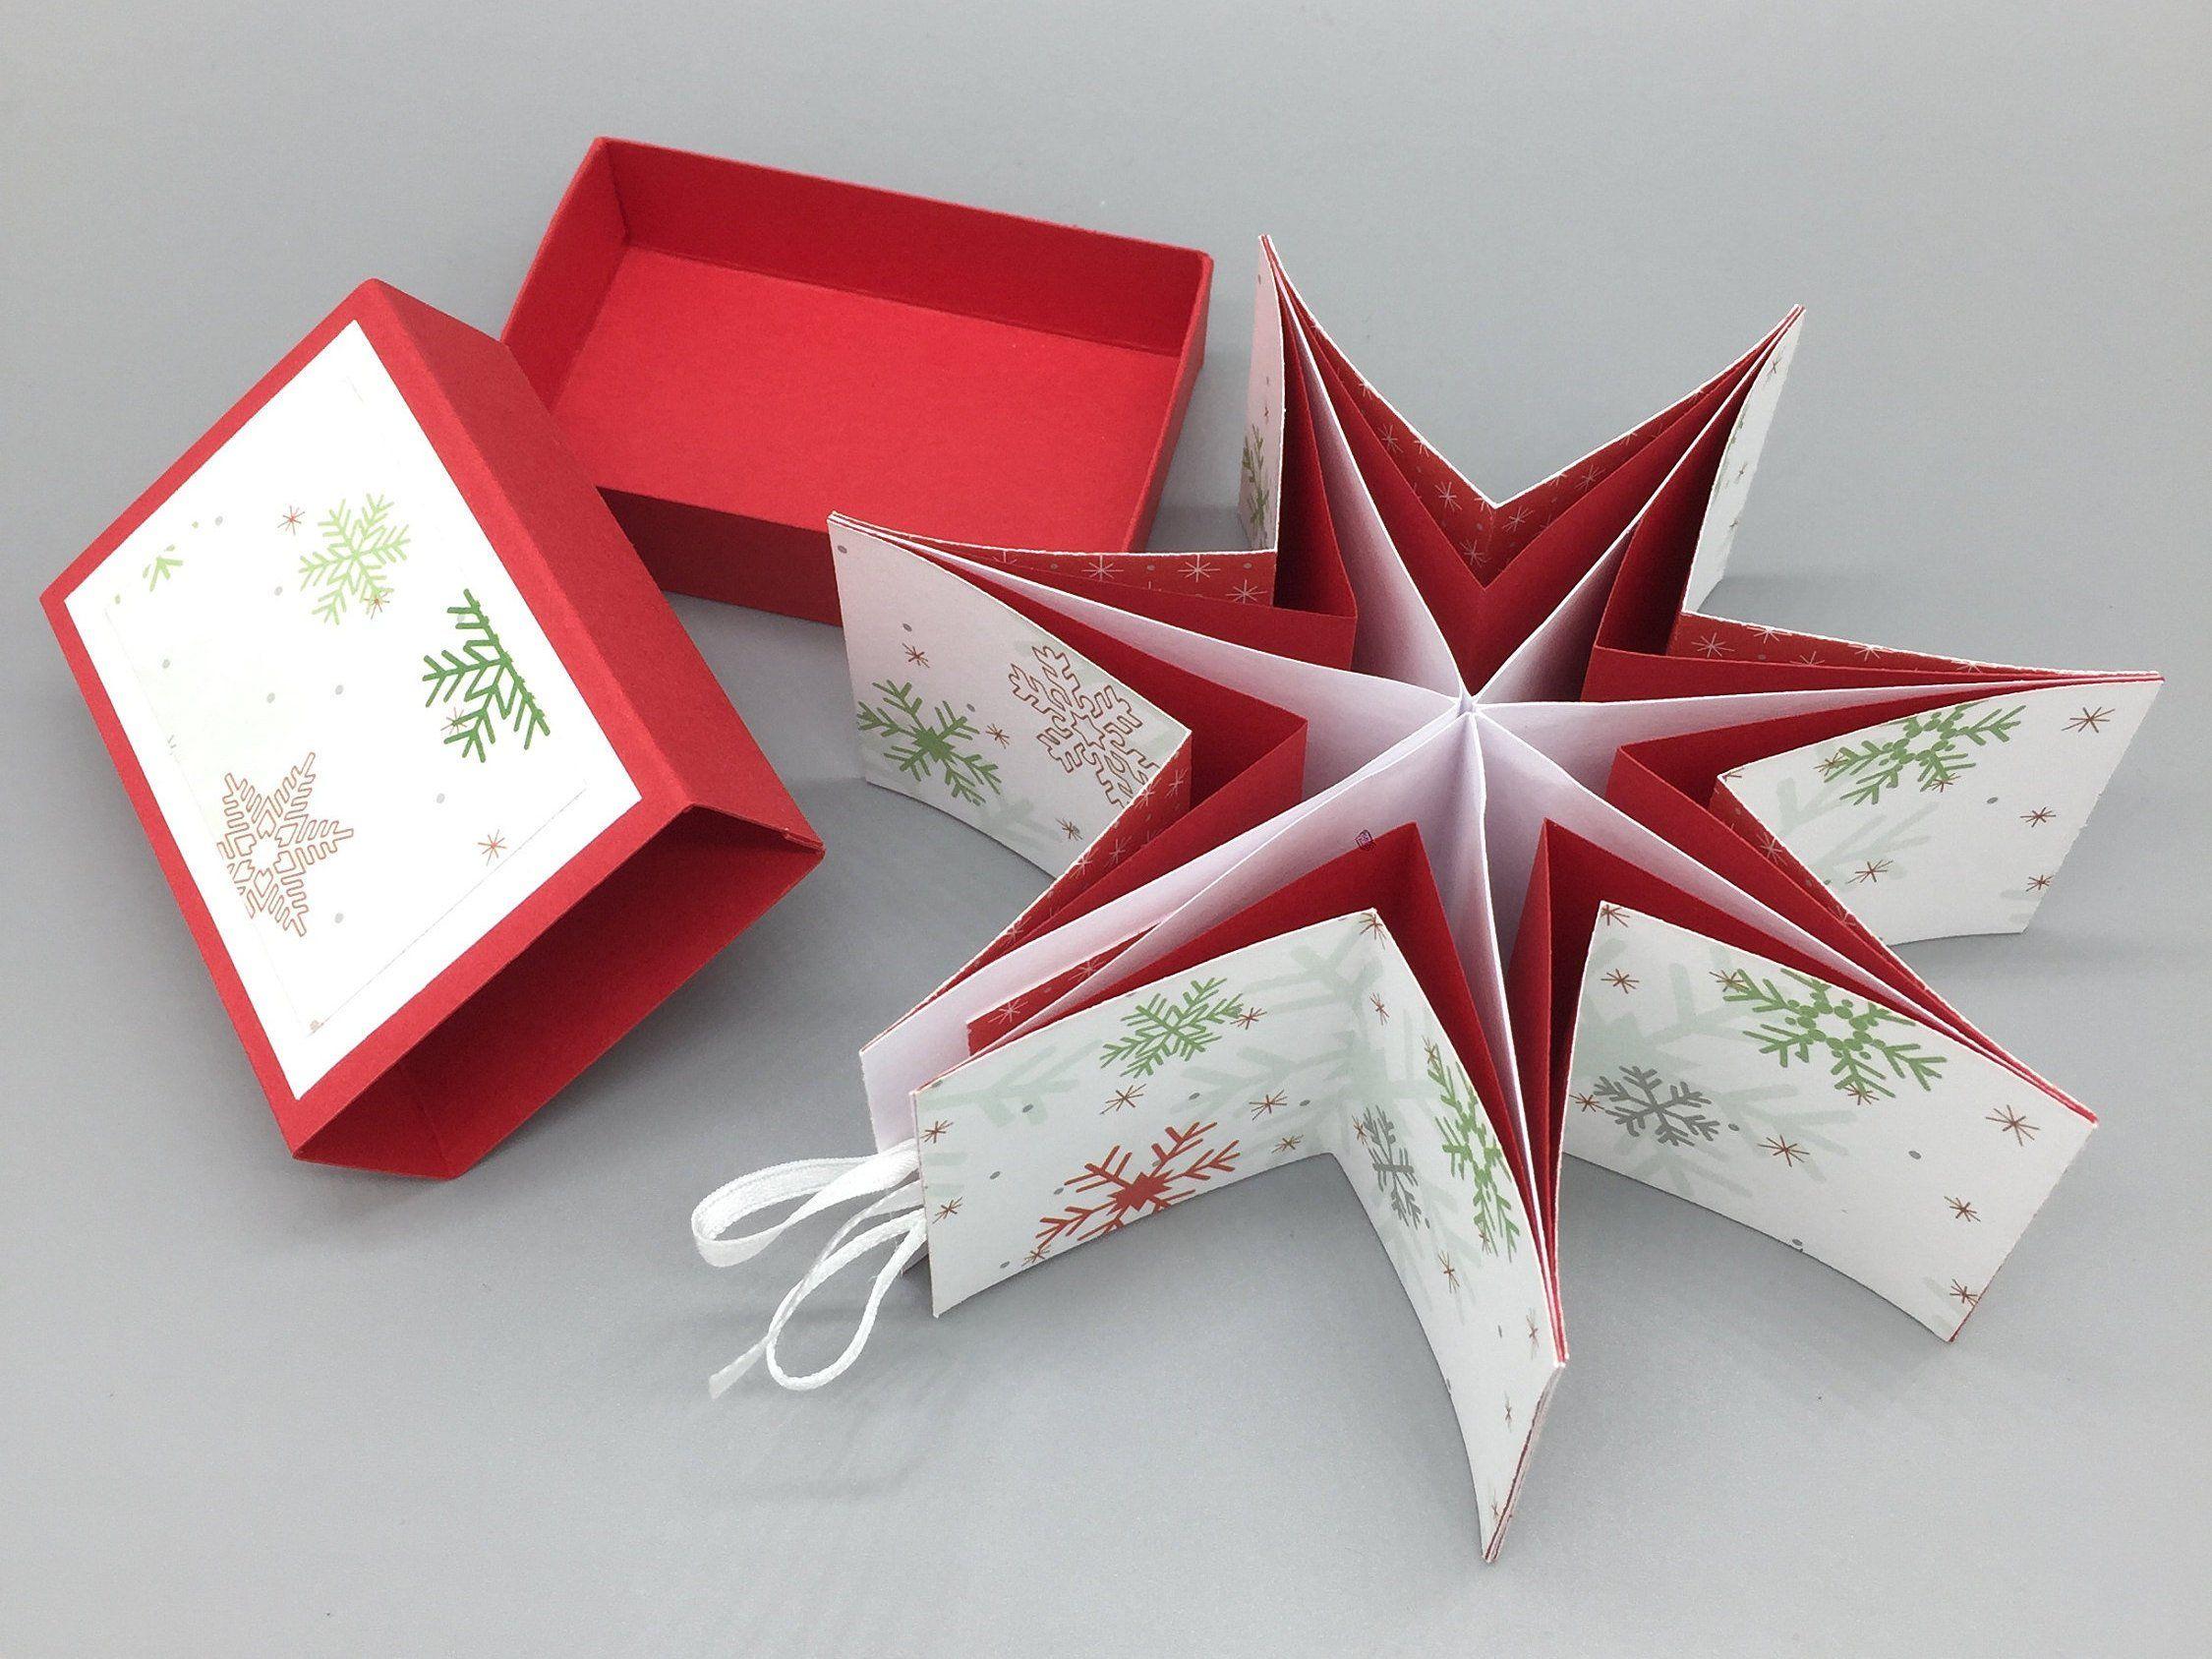 Stern-in-der-Schachtel Schneeflocken, das weihnachtliche Geschenk aus der Streichholzschachtel zum Aufhängen